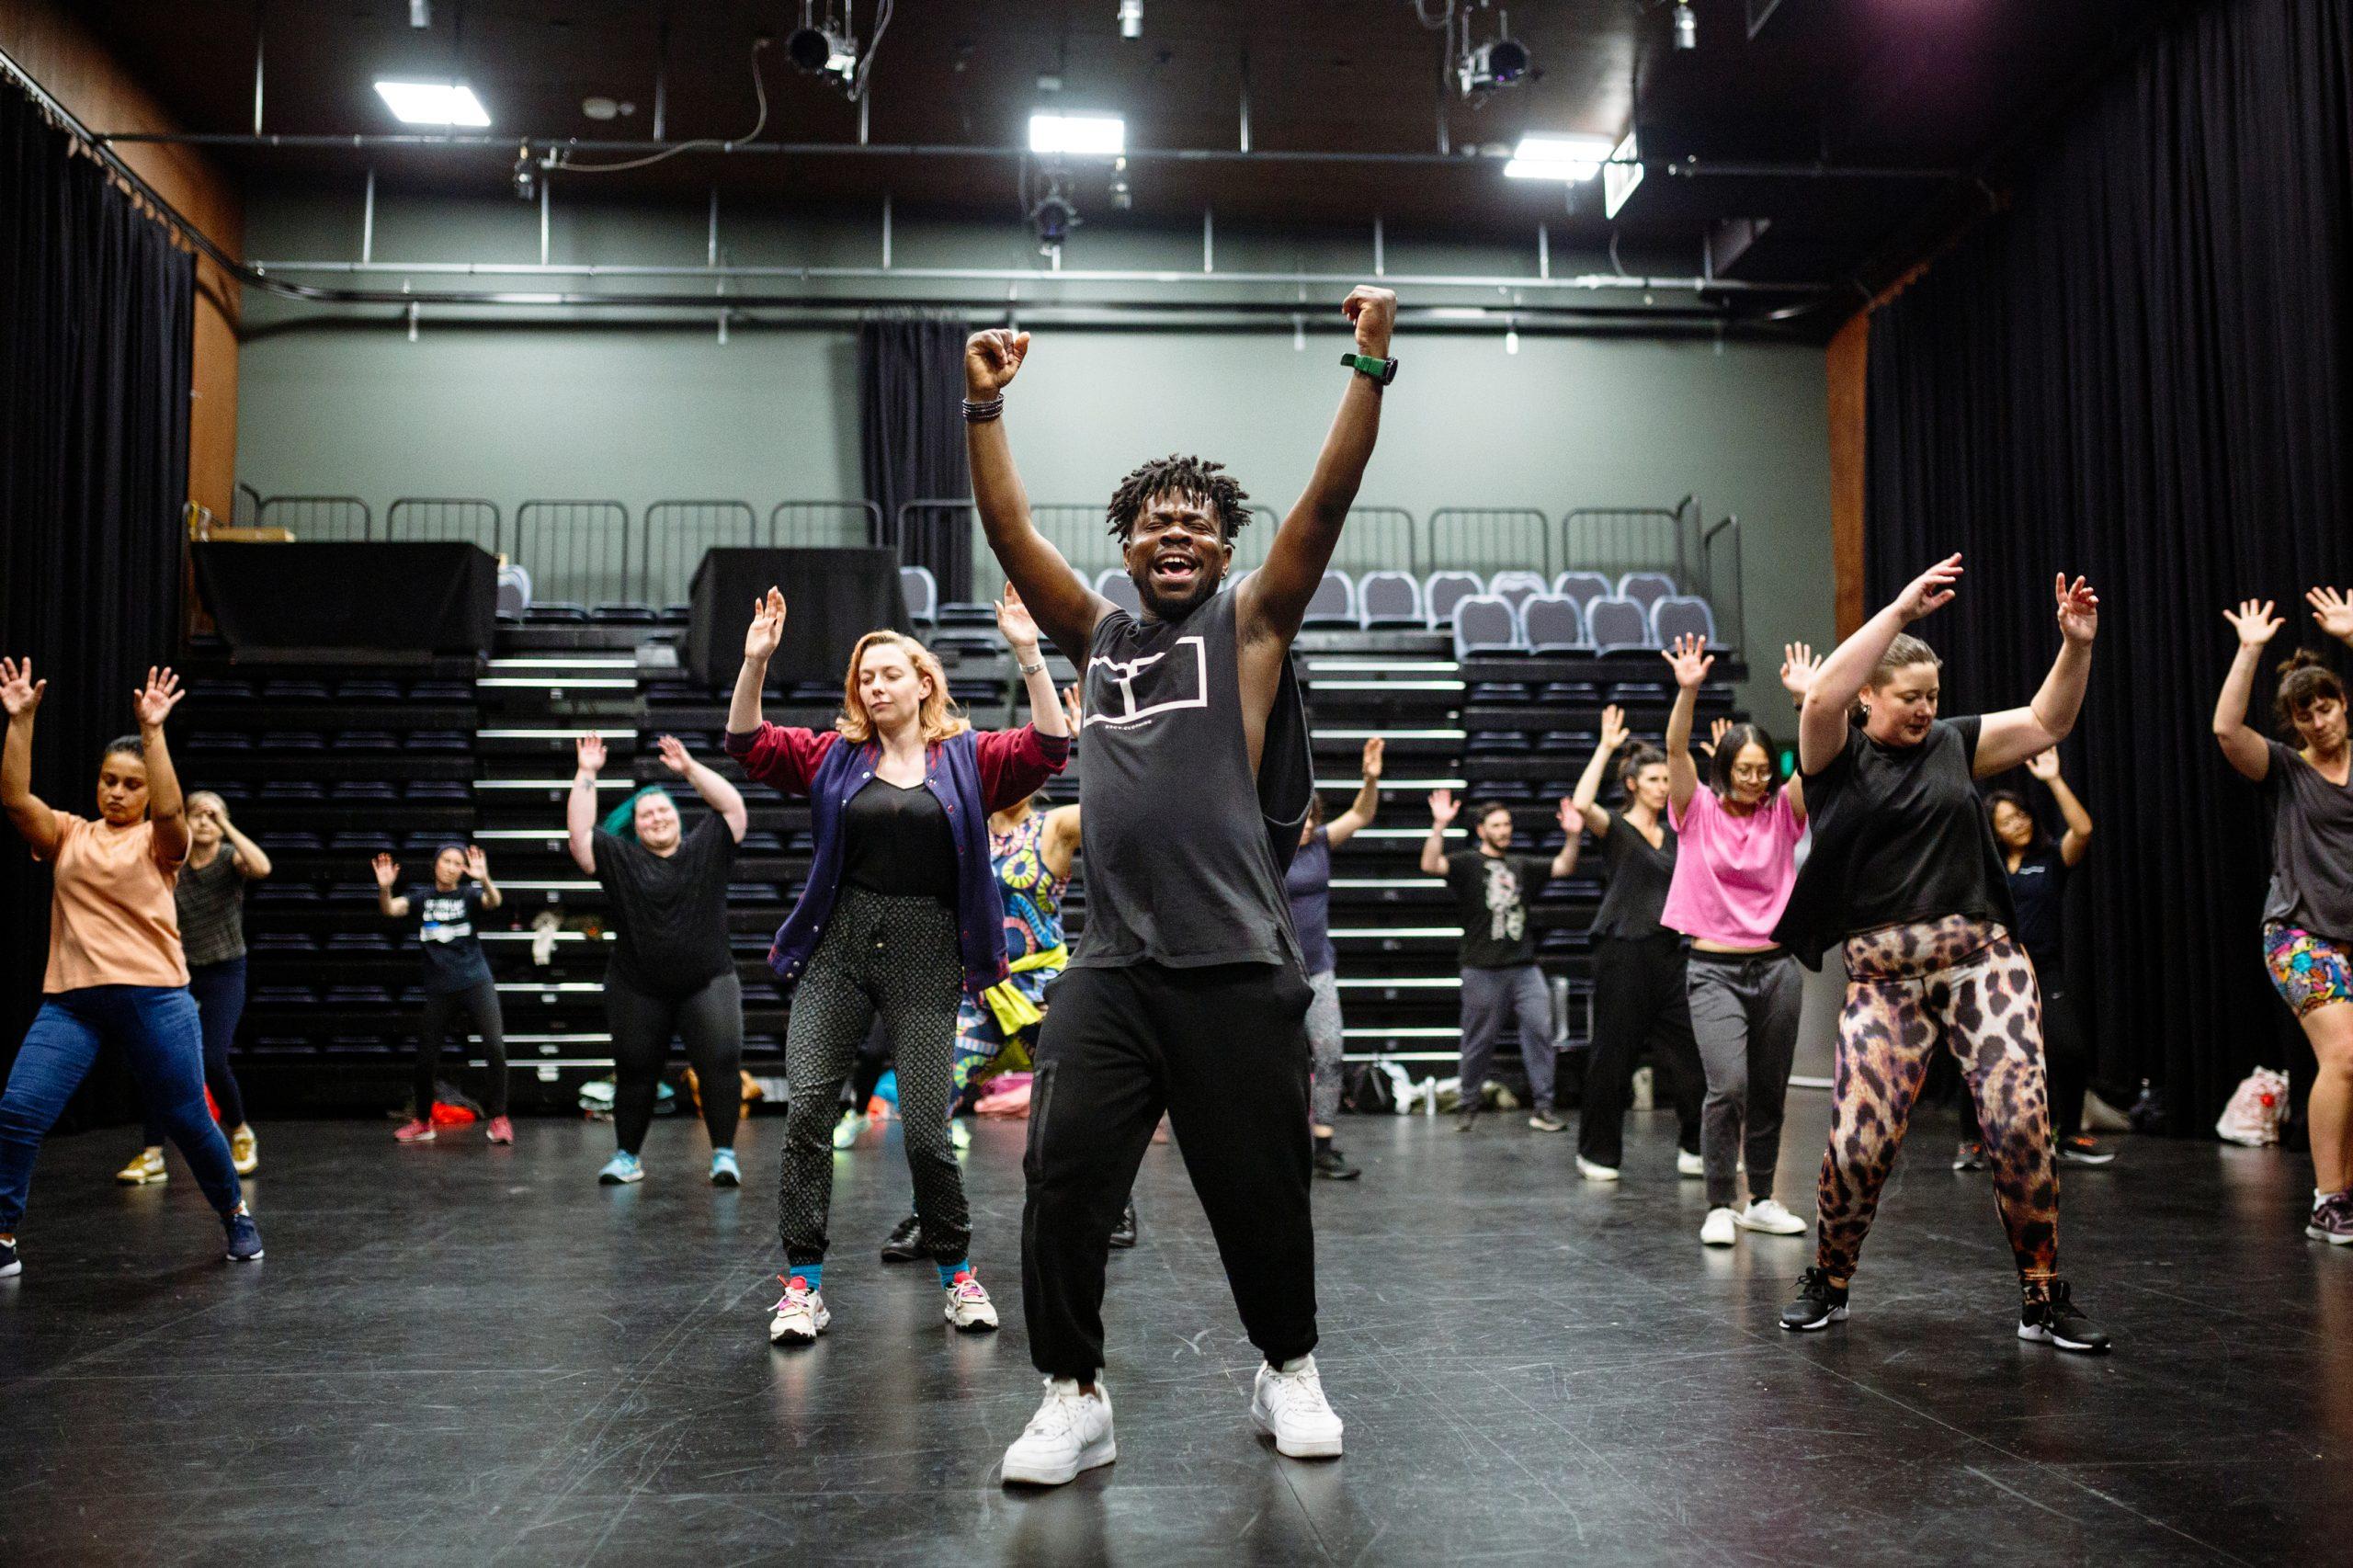 Let's Dance: Afrobeats